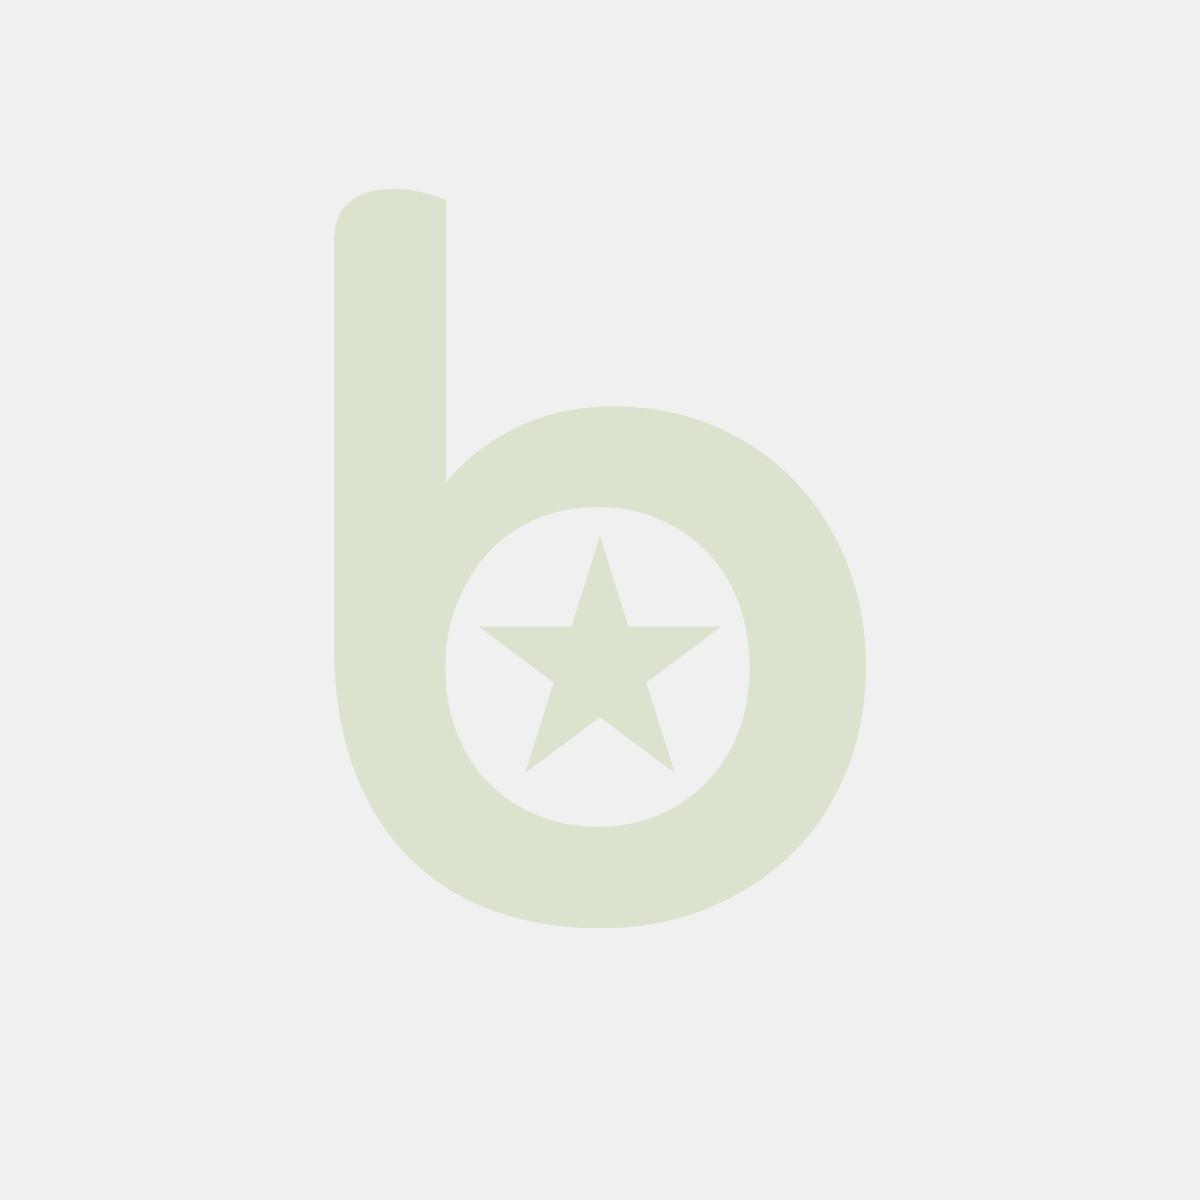 Wkład Express 735 do długopisu SCHNEIDER , M, format G2, zielony